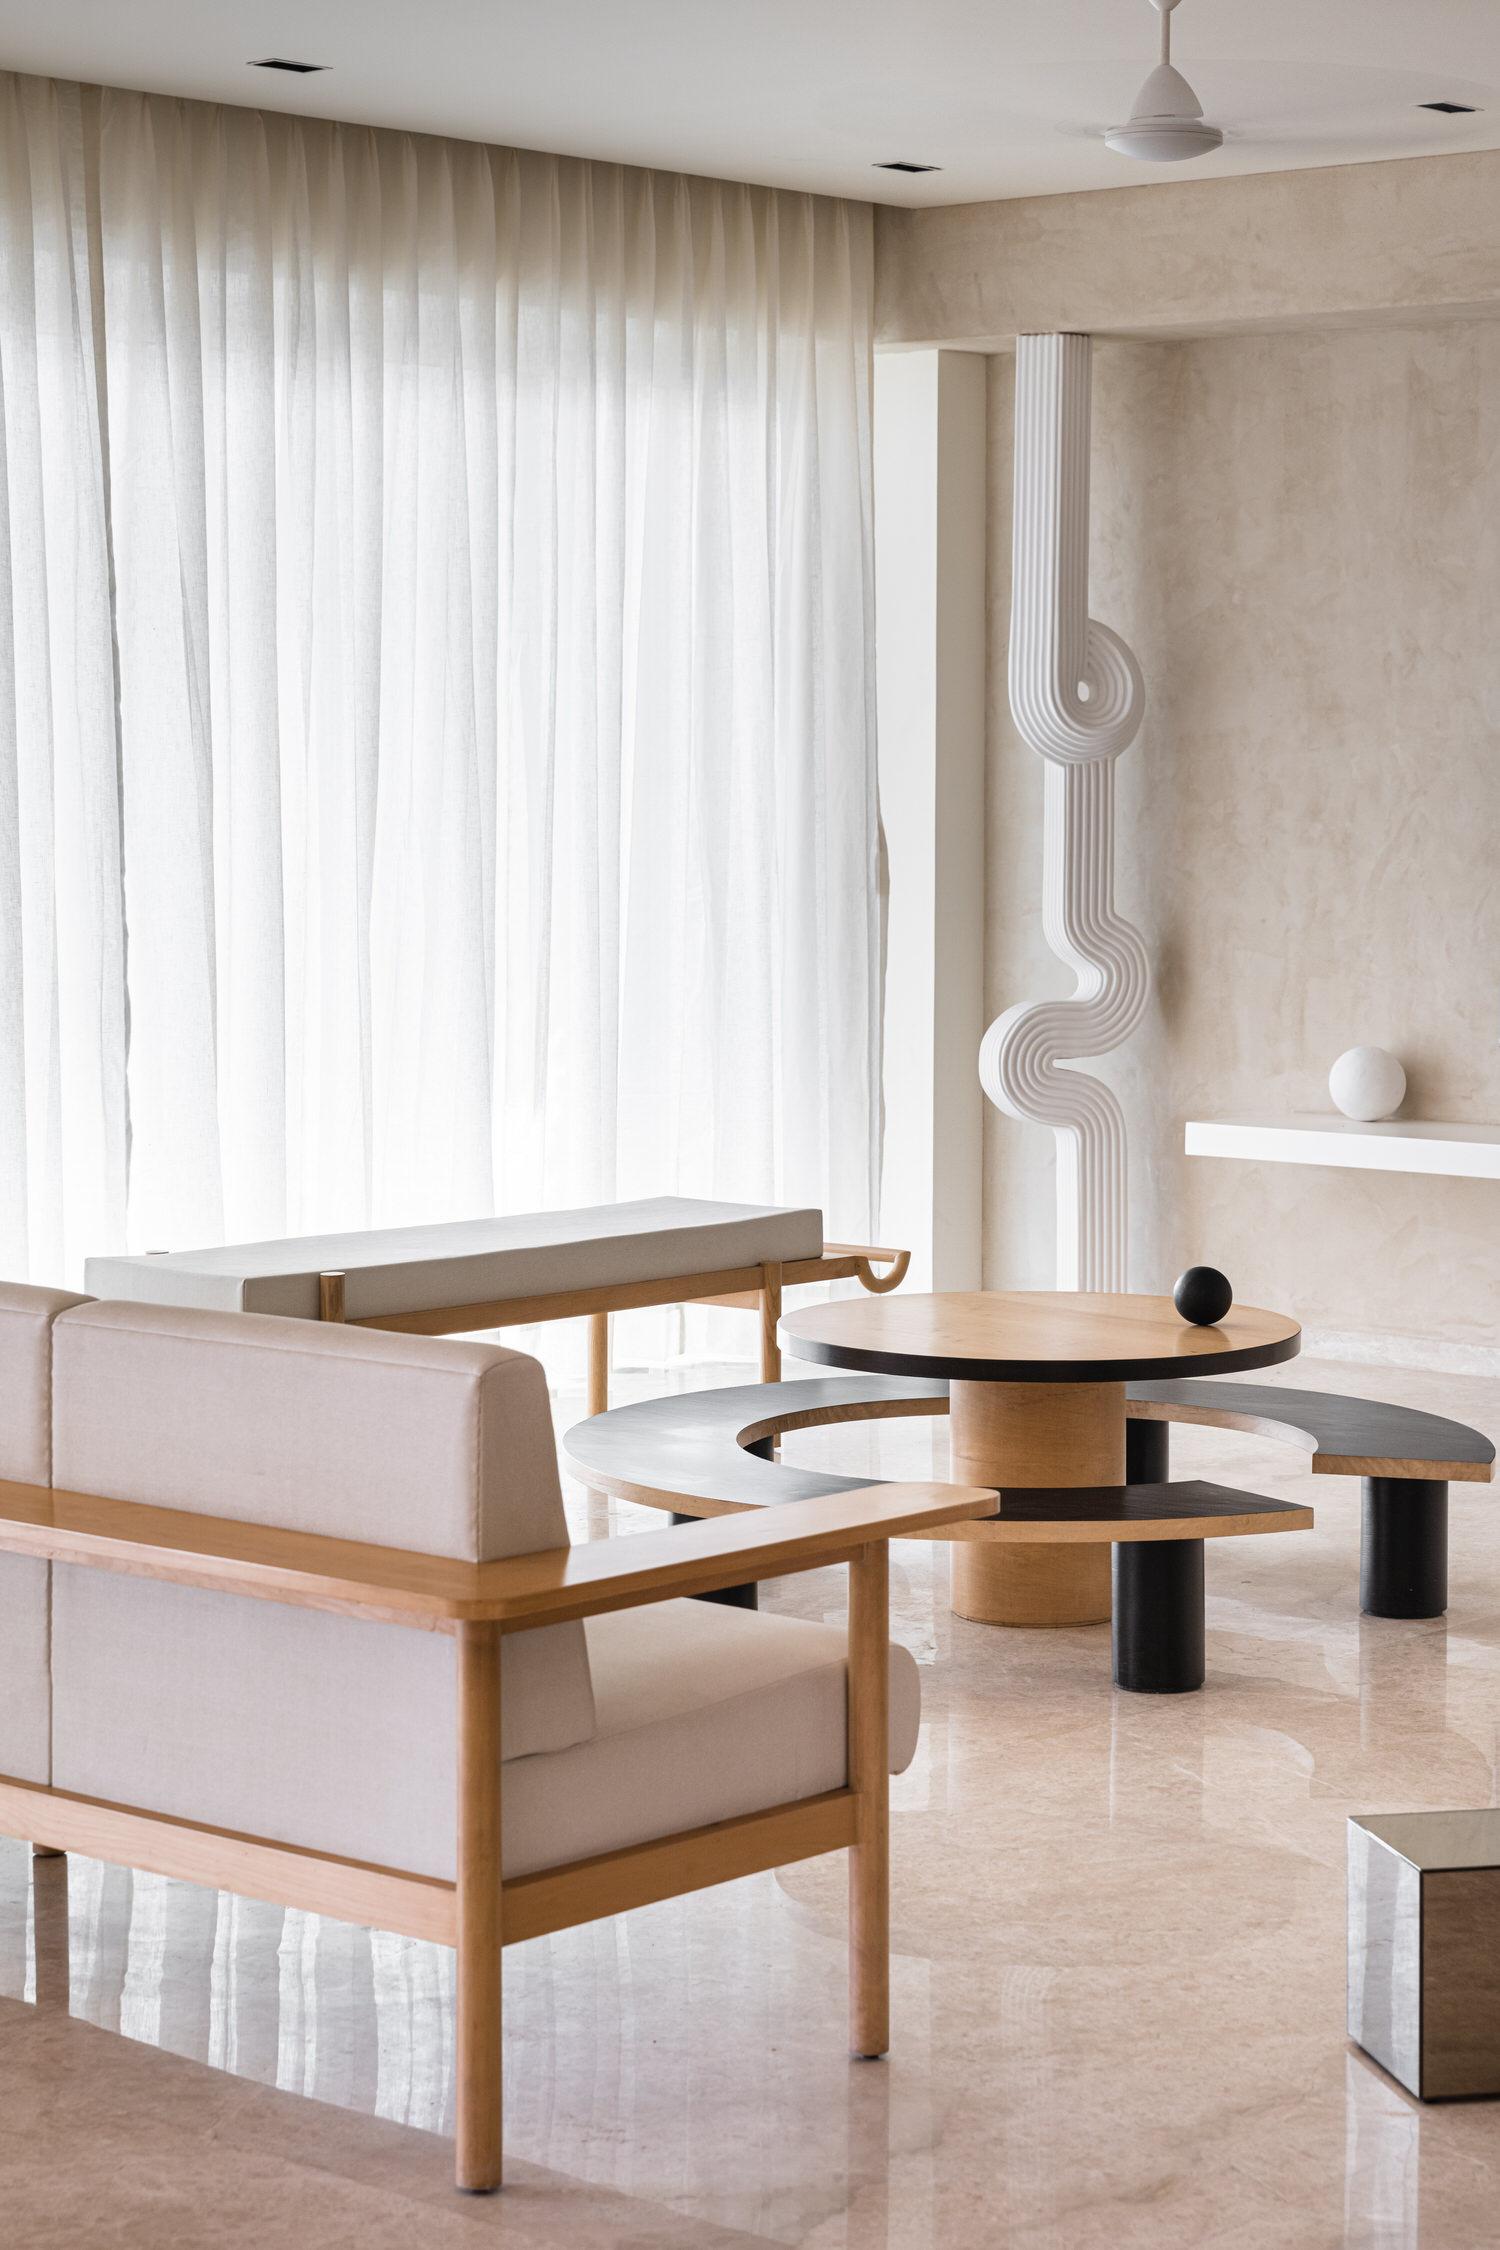 The Act Of Quad Mumbai Apartment Interior Design Yellowtrace 02